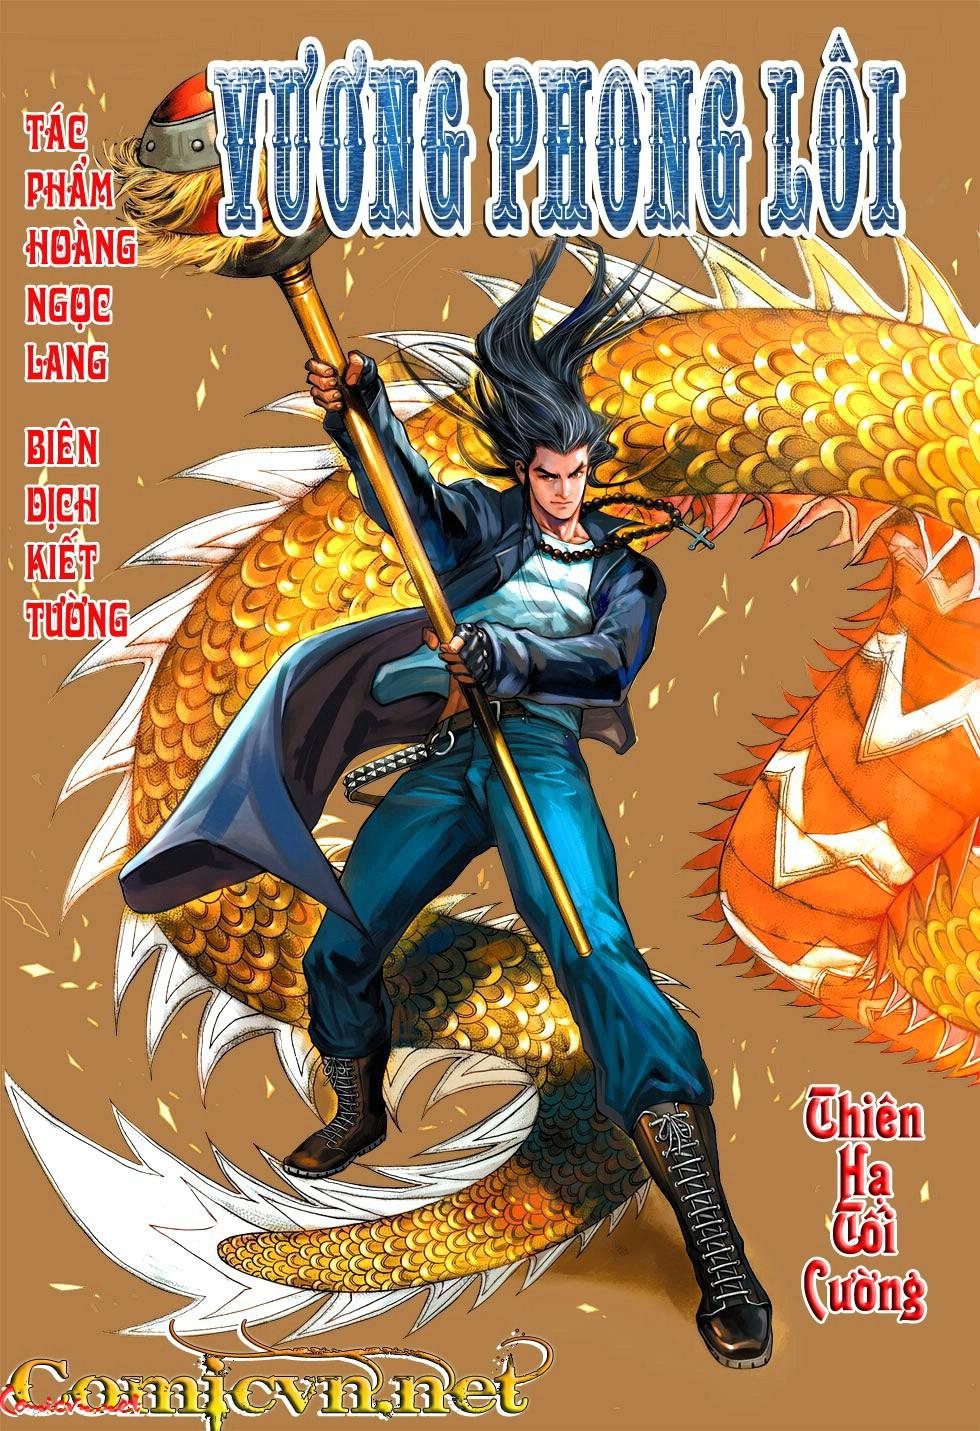 Vương Phong Lôi 1 chap 34 - Trang 1